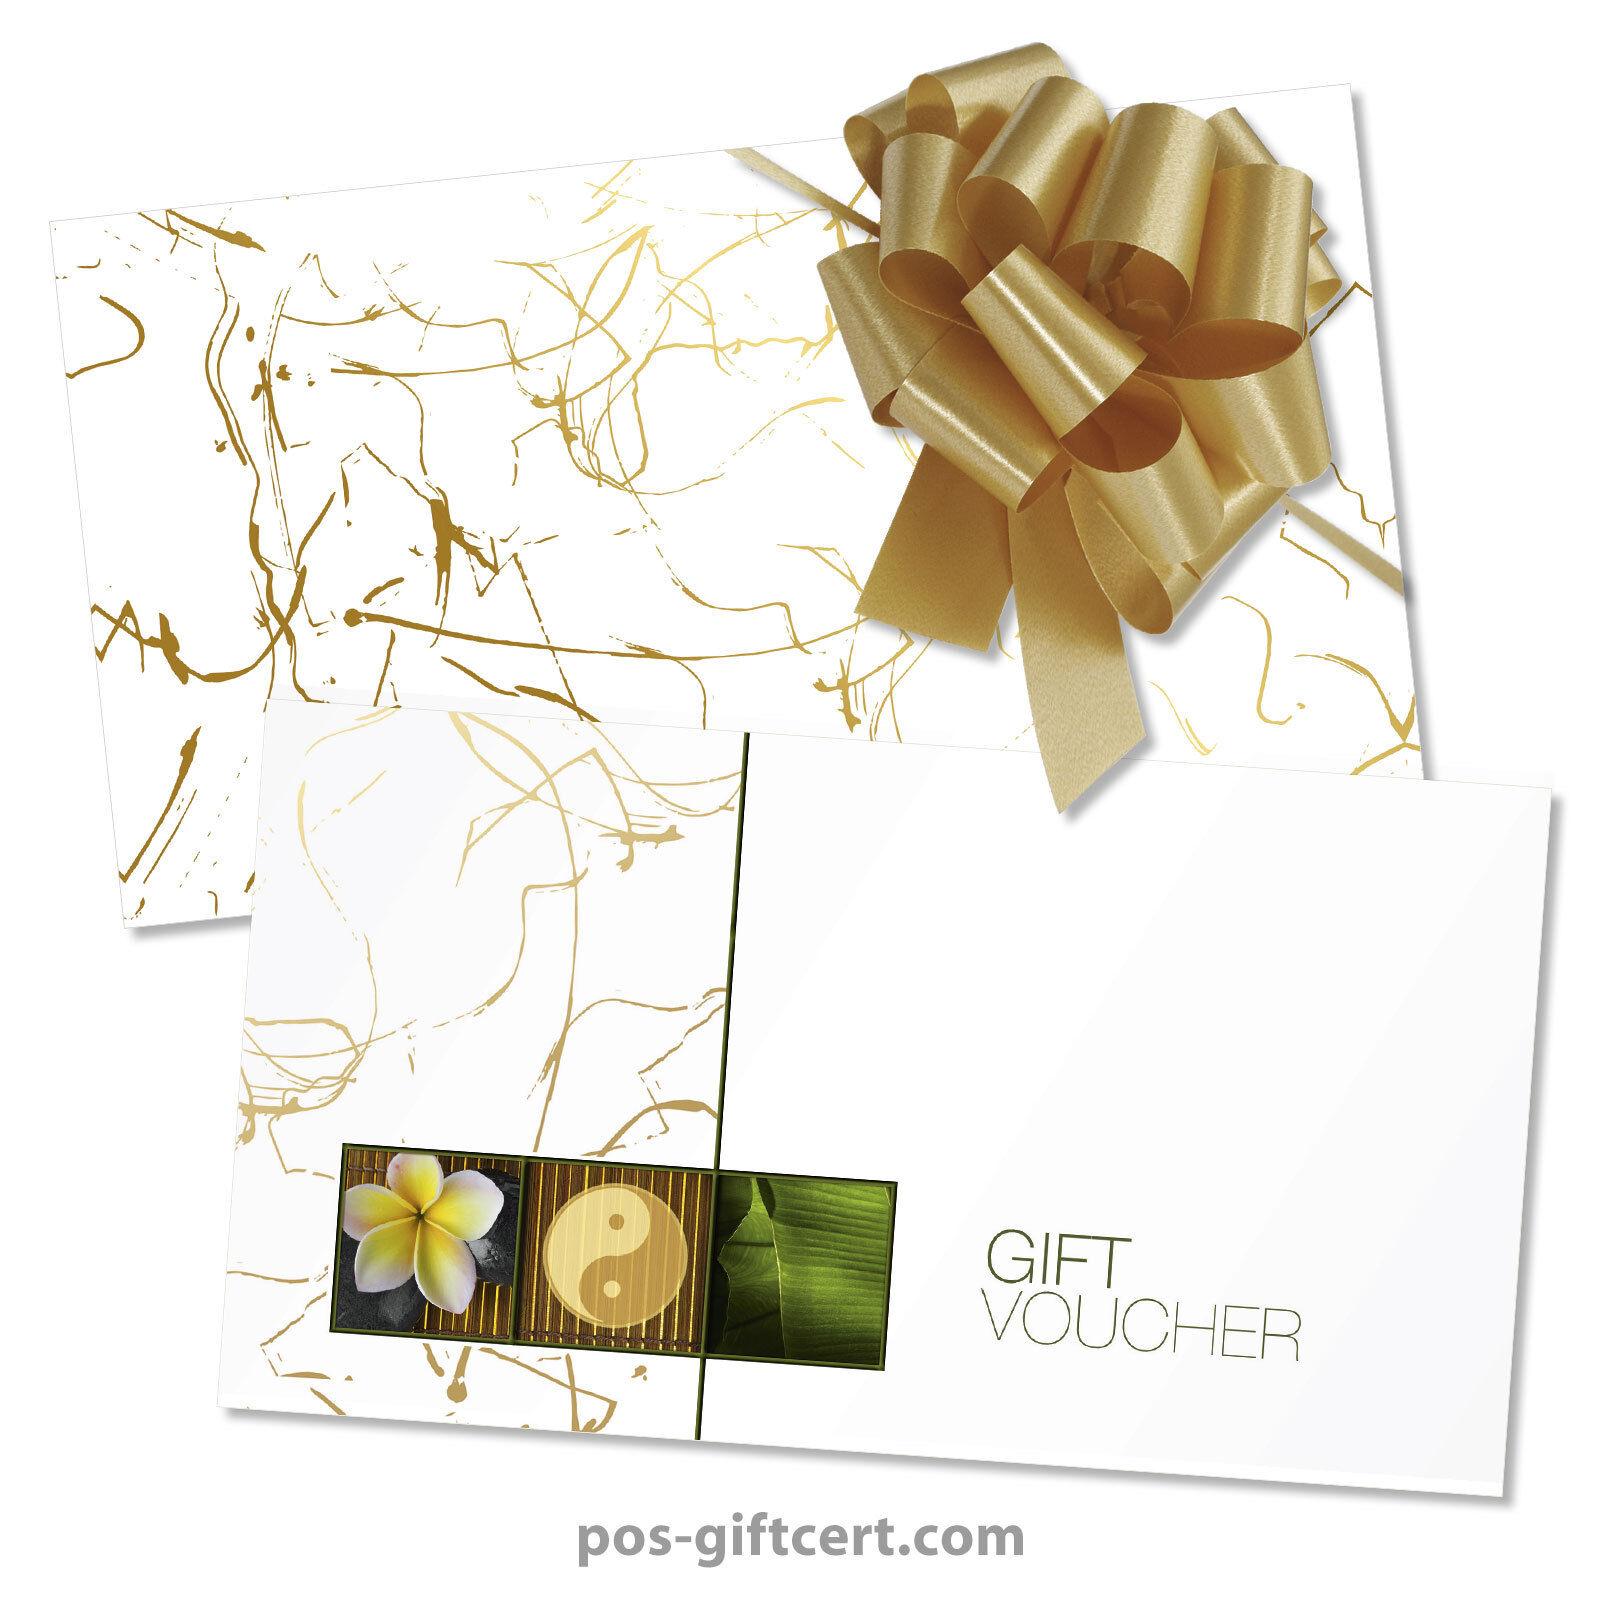 Gift vouchers  envelopes  pull bows for wellness, massage, spa MA1254GB | Realistisch  | Jeder beschriebene Artikel ist verfügbar